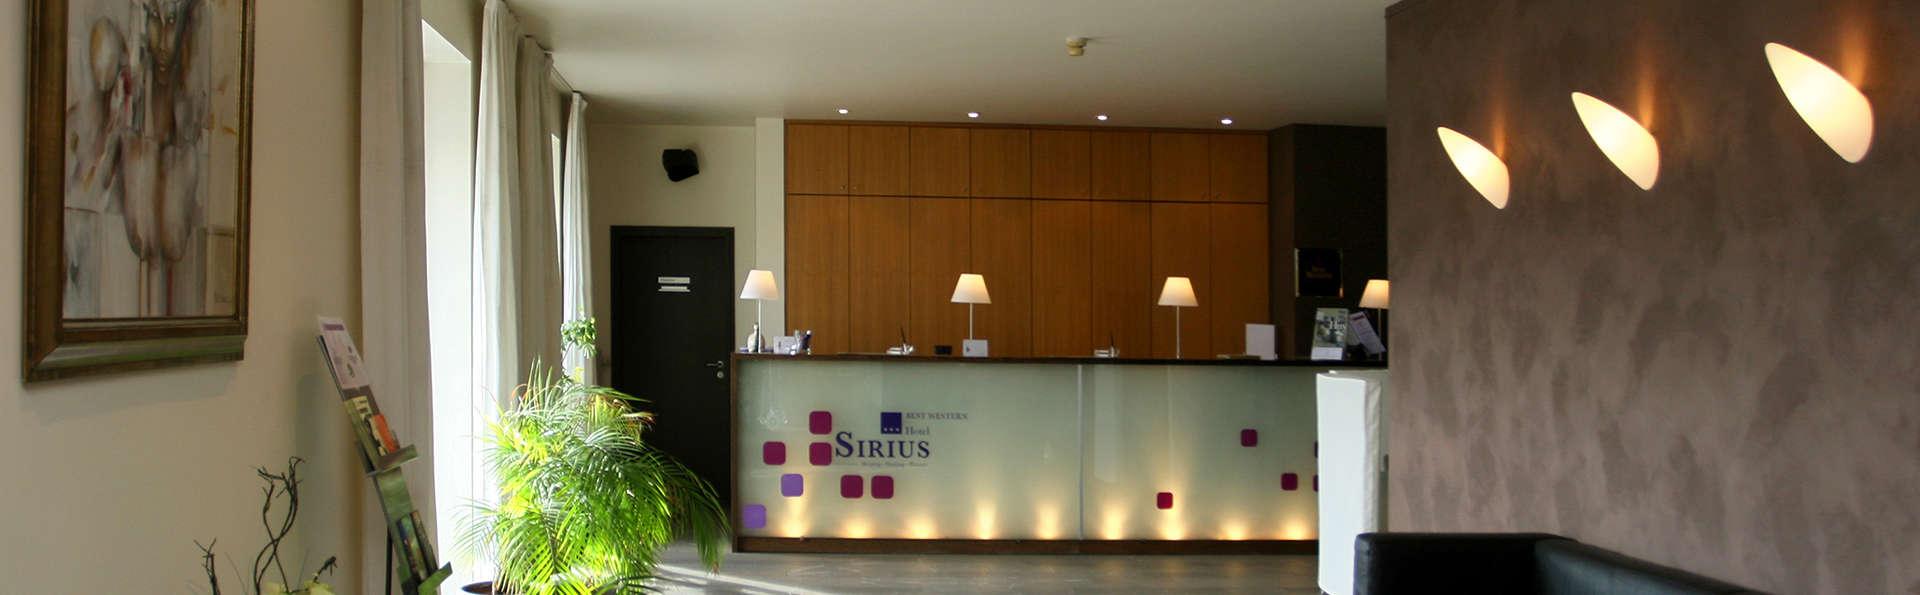 Hôtel Sirius - EDIT_reception.jpg